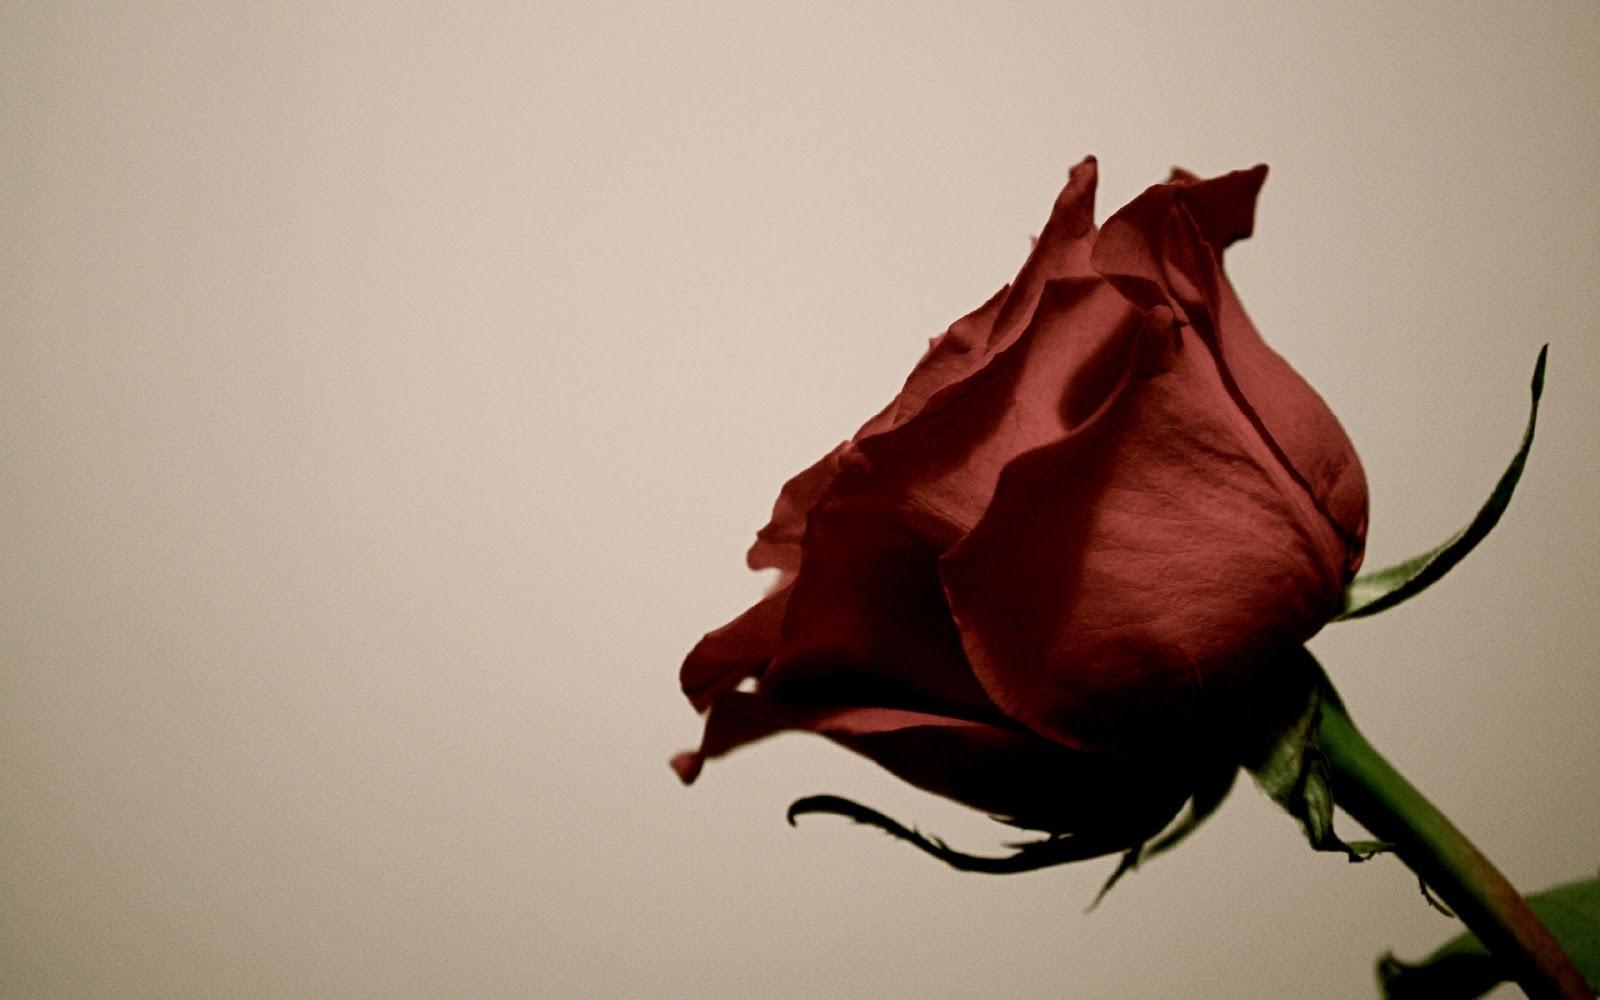 Red Rose Flower HD Widescreen Wallpaper